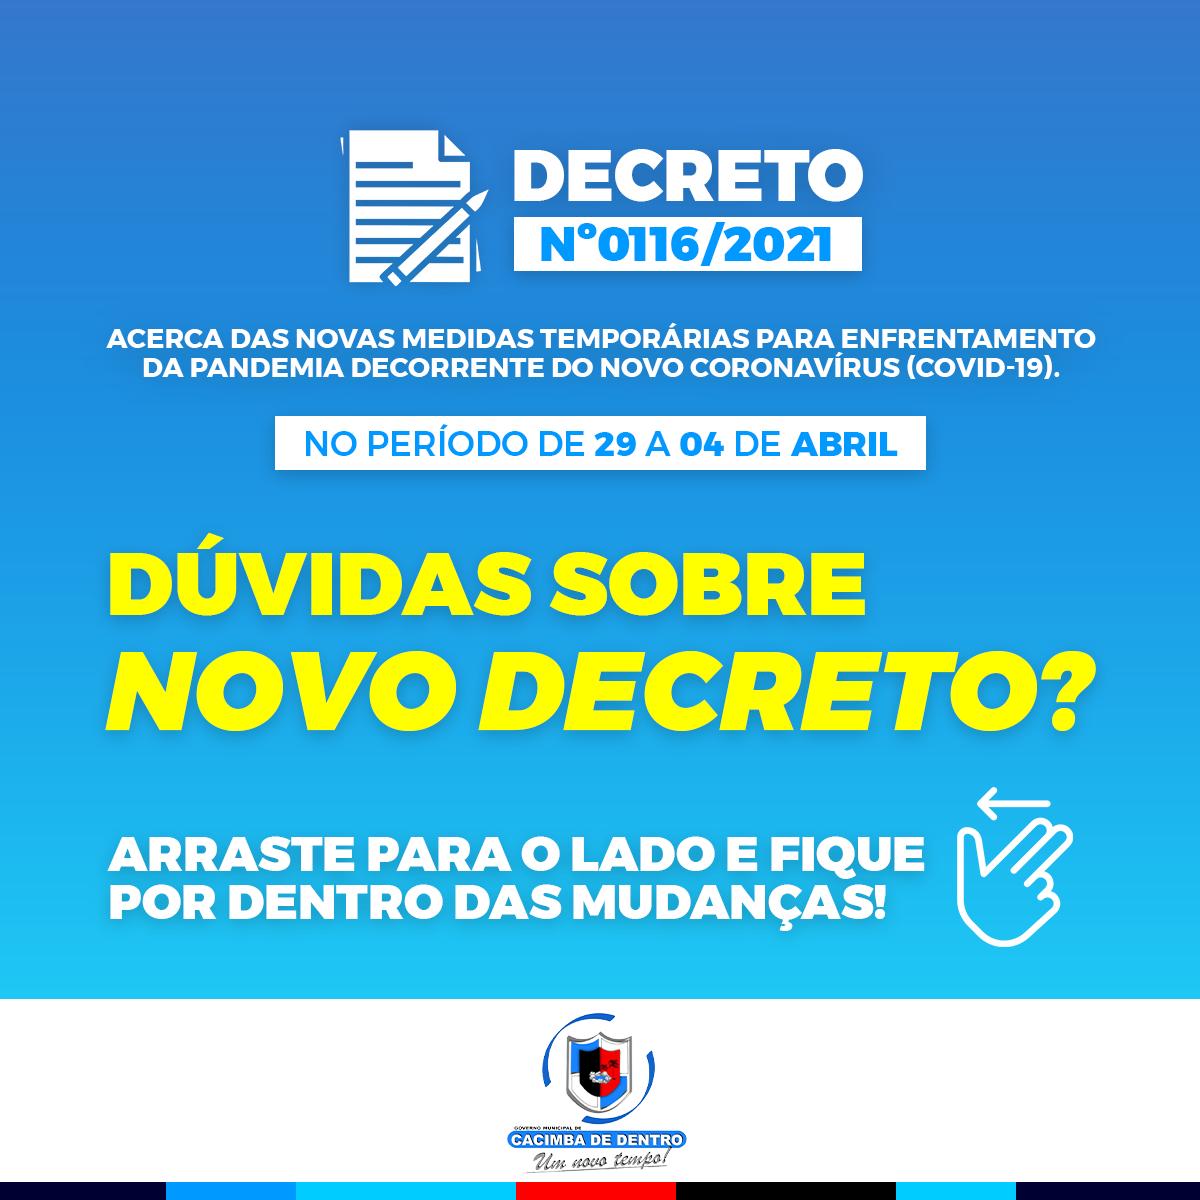 DECRETO Nº0116/2021 MEDIDAS TEMPORÁRIAS PARA ENFRENTAMENTO DA PANDEMIA